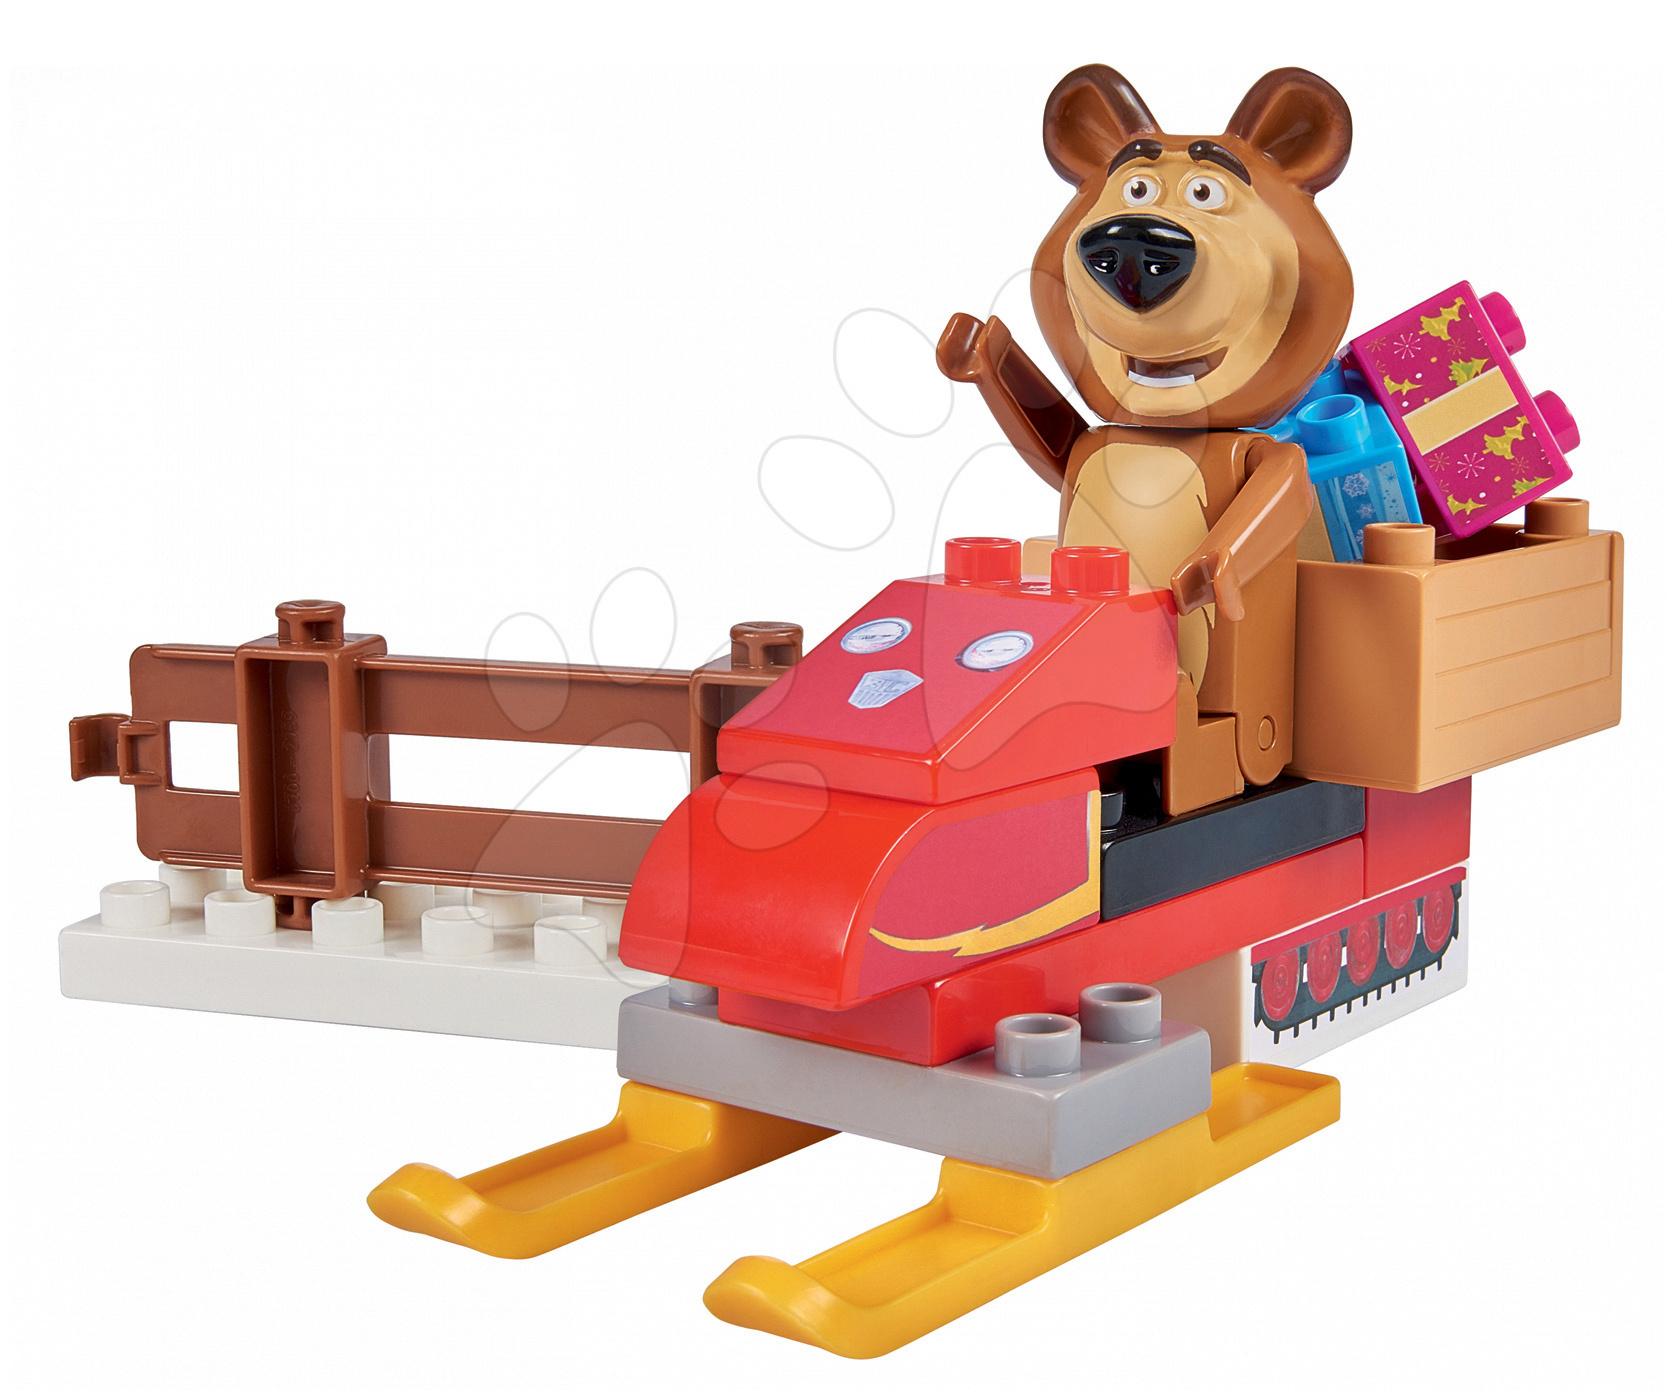 Stavebnice BIG-Bloxx ako lego - Stavebnica Máša a medveď na snežnom skútri PlayBIG Bloxx BIG s 1 figúrkou 15 dielov od 1,5-5 rokov